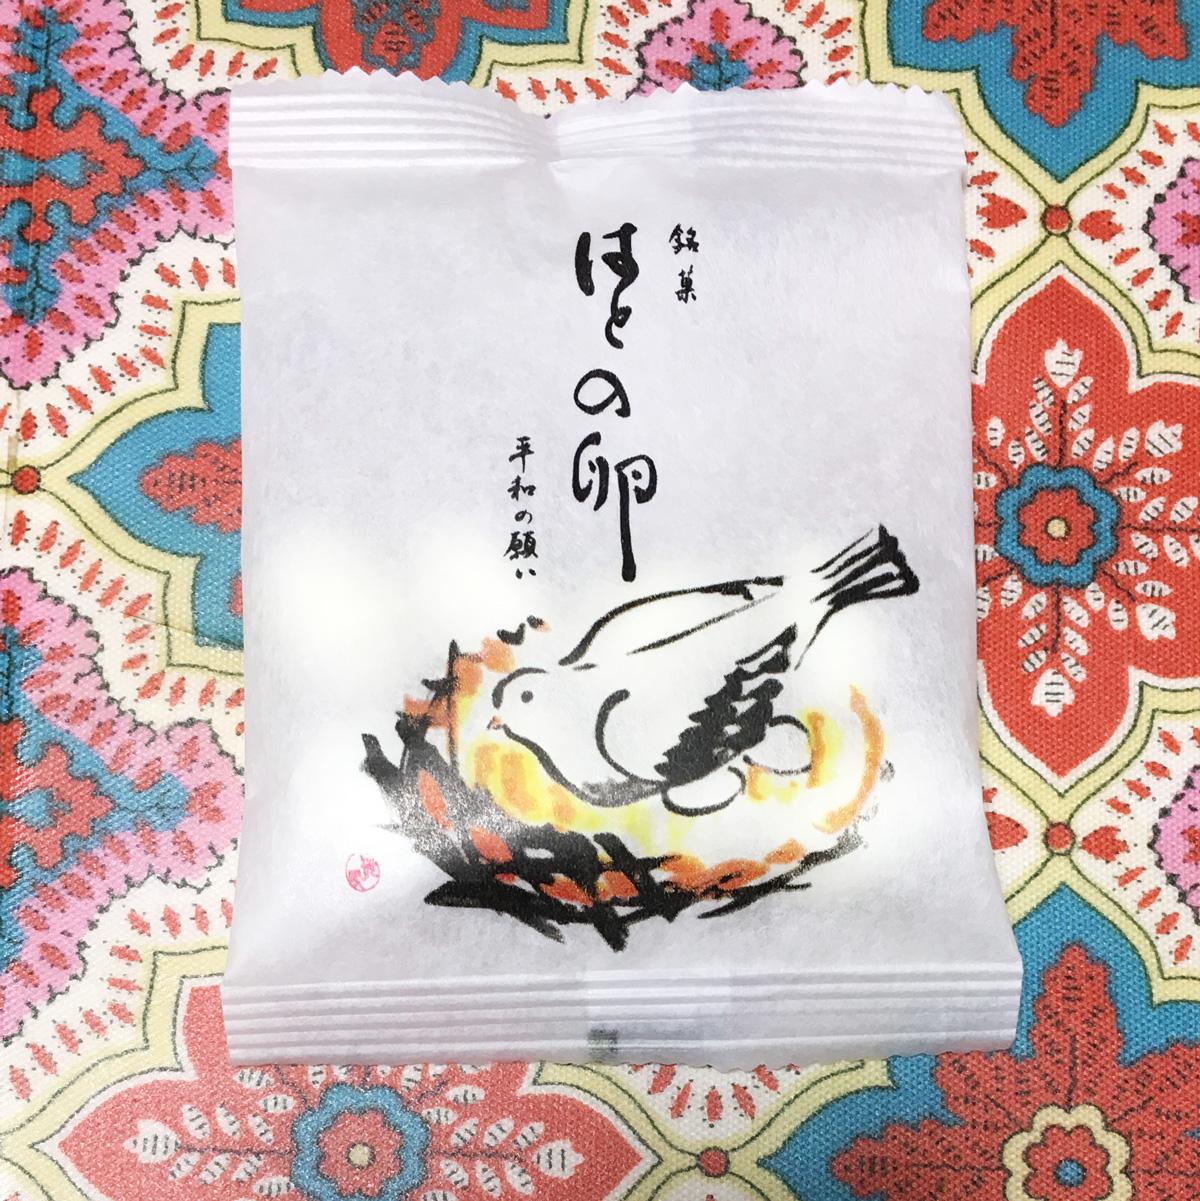 明治神宮のお菓子「銘菓・はとの卵・平和の願い」が実にうまい